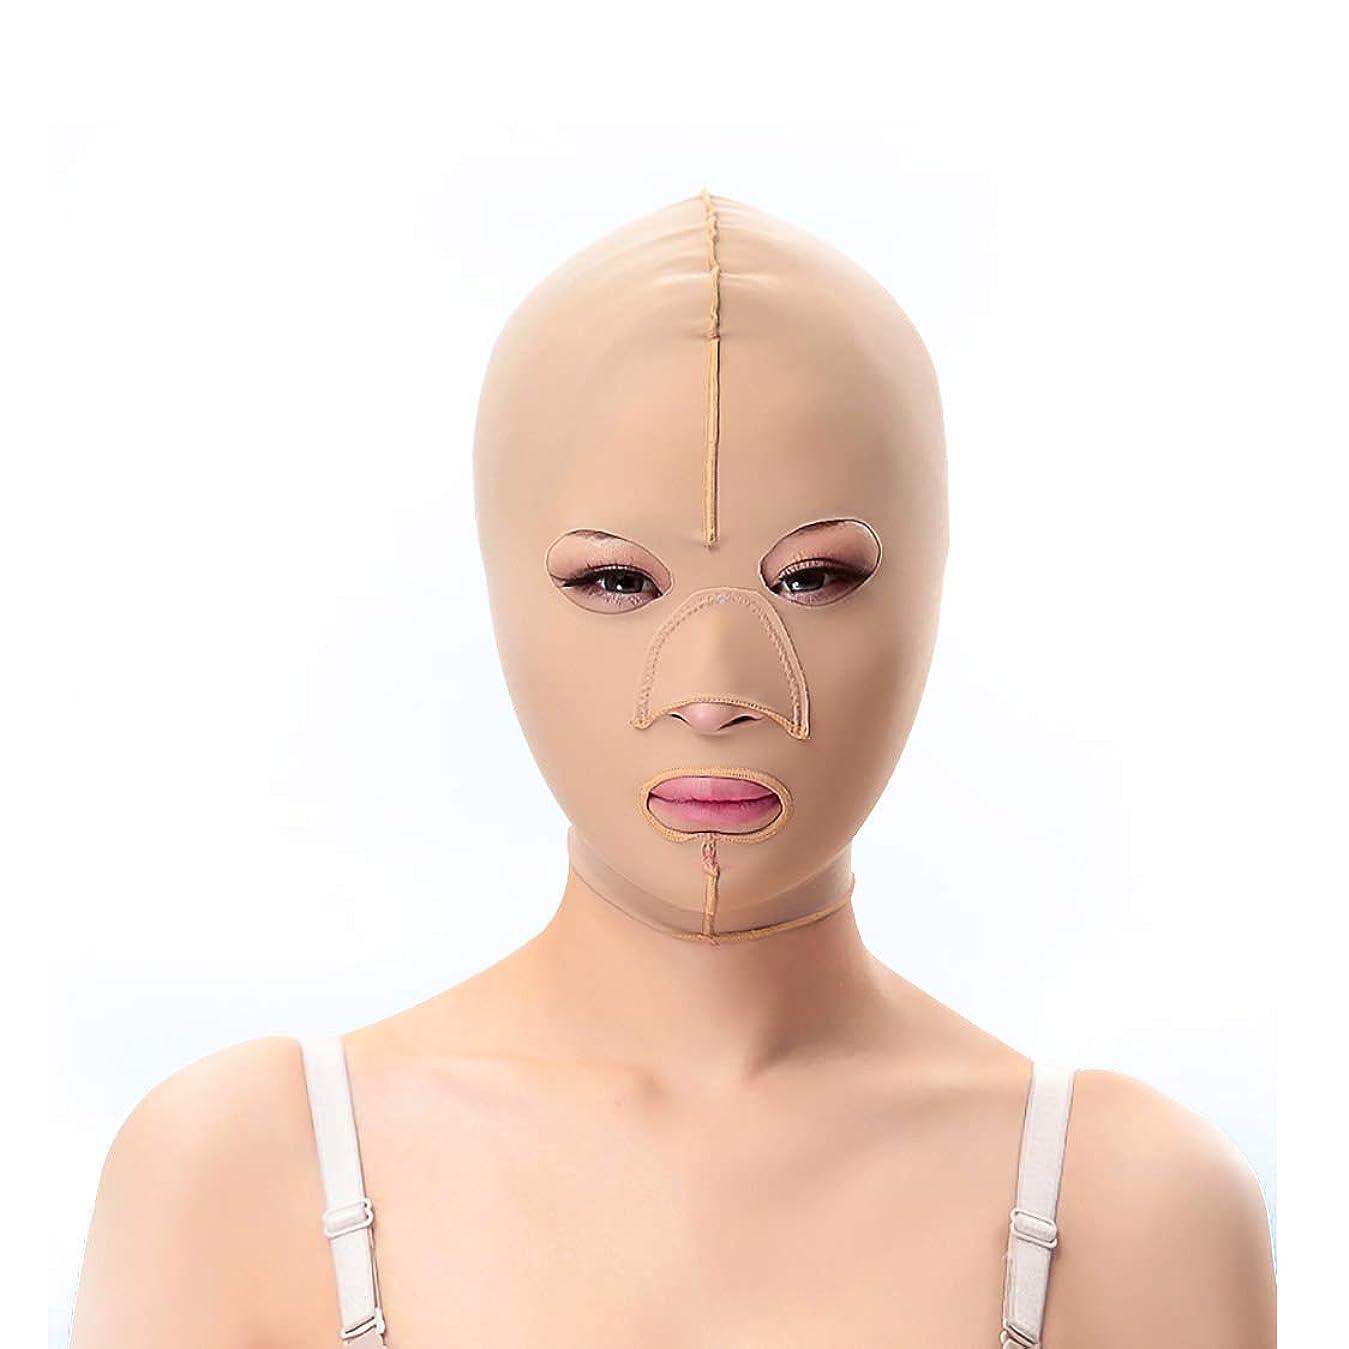 近々怠代替TLMY 減量ベルトマスクフェイスマスク神聖なパターンリフト二重あご引き締め顔面プラスチック顔面アーティファクト強力な顔面包帯 顔用整形マスク (Size : S)